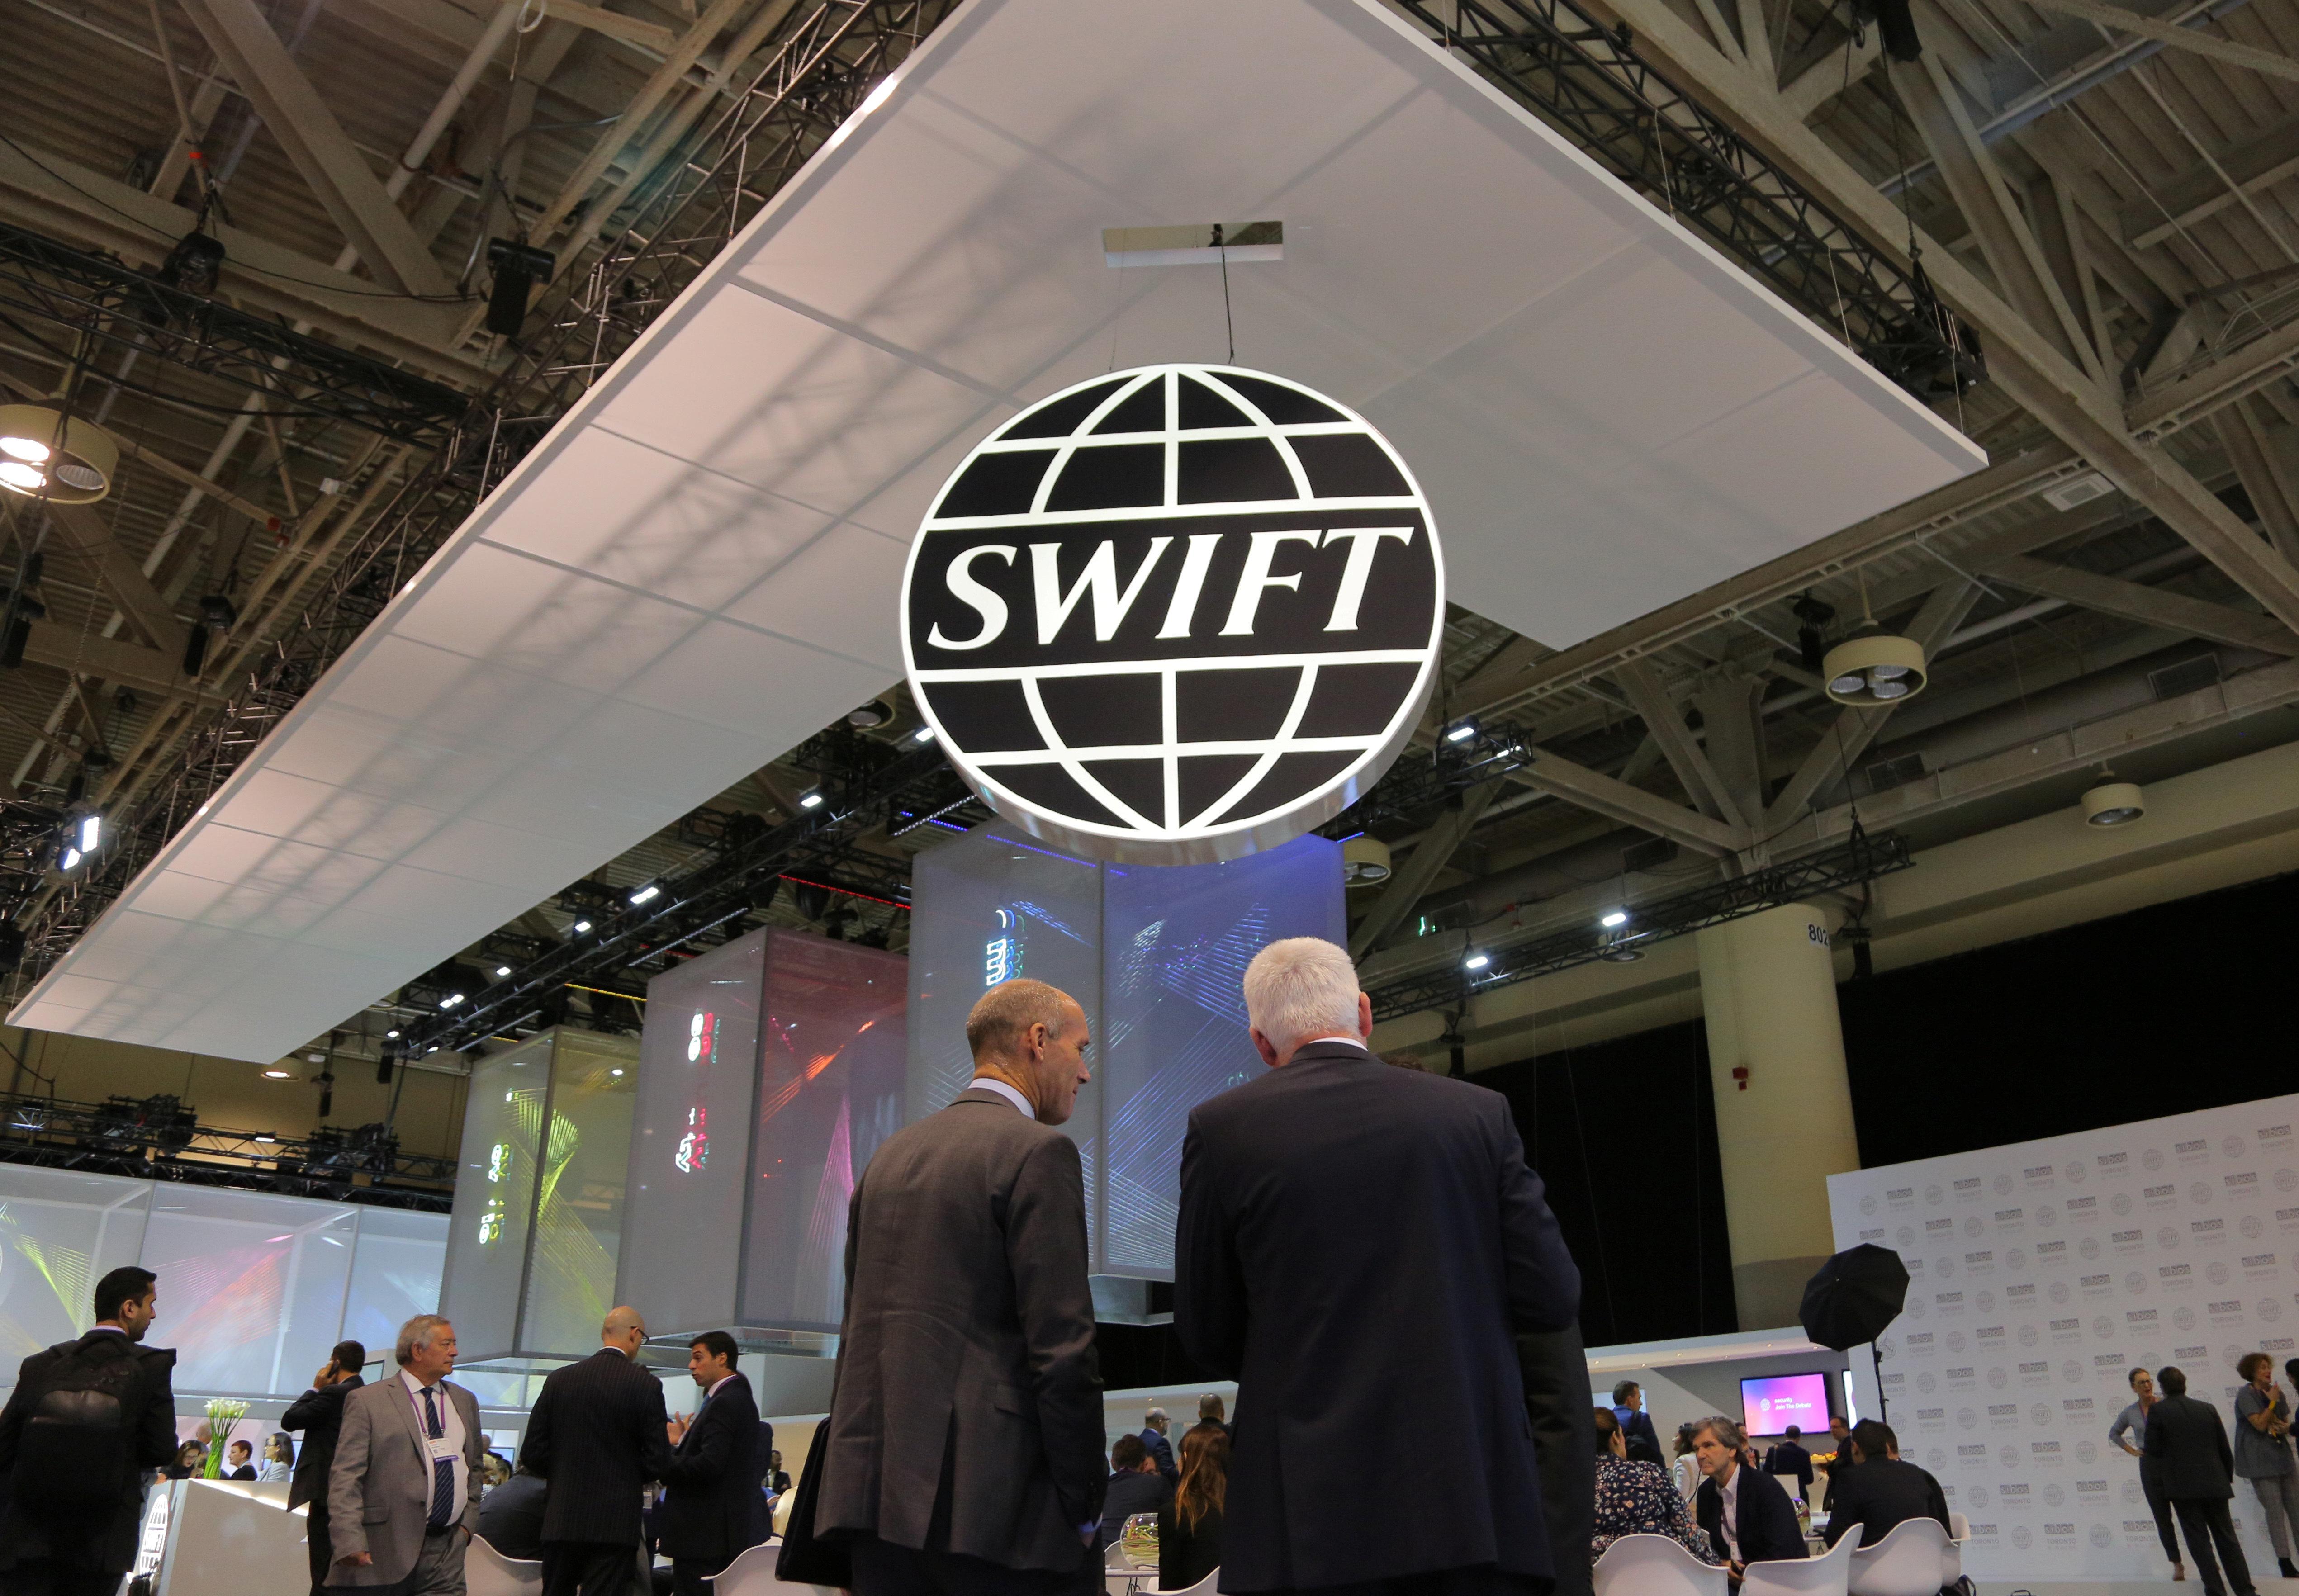 Ο οργανισμός SWIFT δεν θα αποσυνδέσει τη Ρωσία από το σύστημα διεθνών τραπεζικών συναλλαγών λόγω των